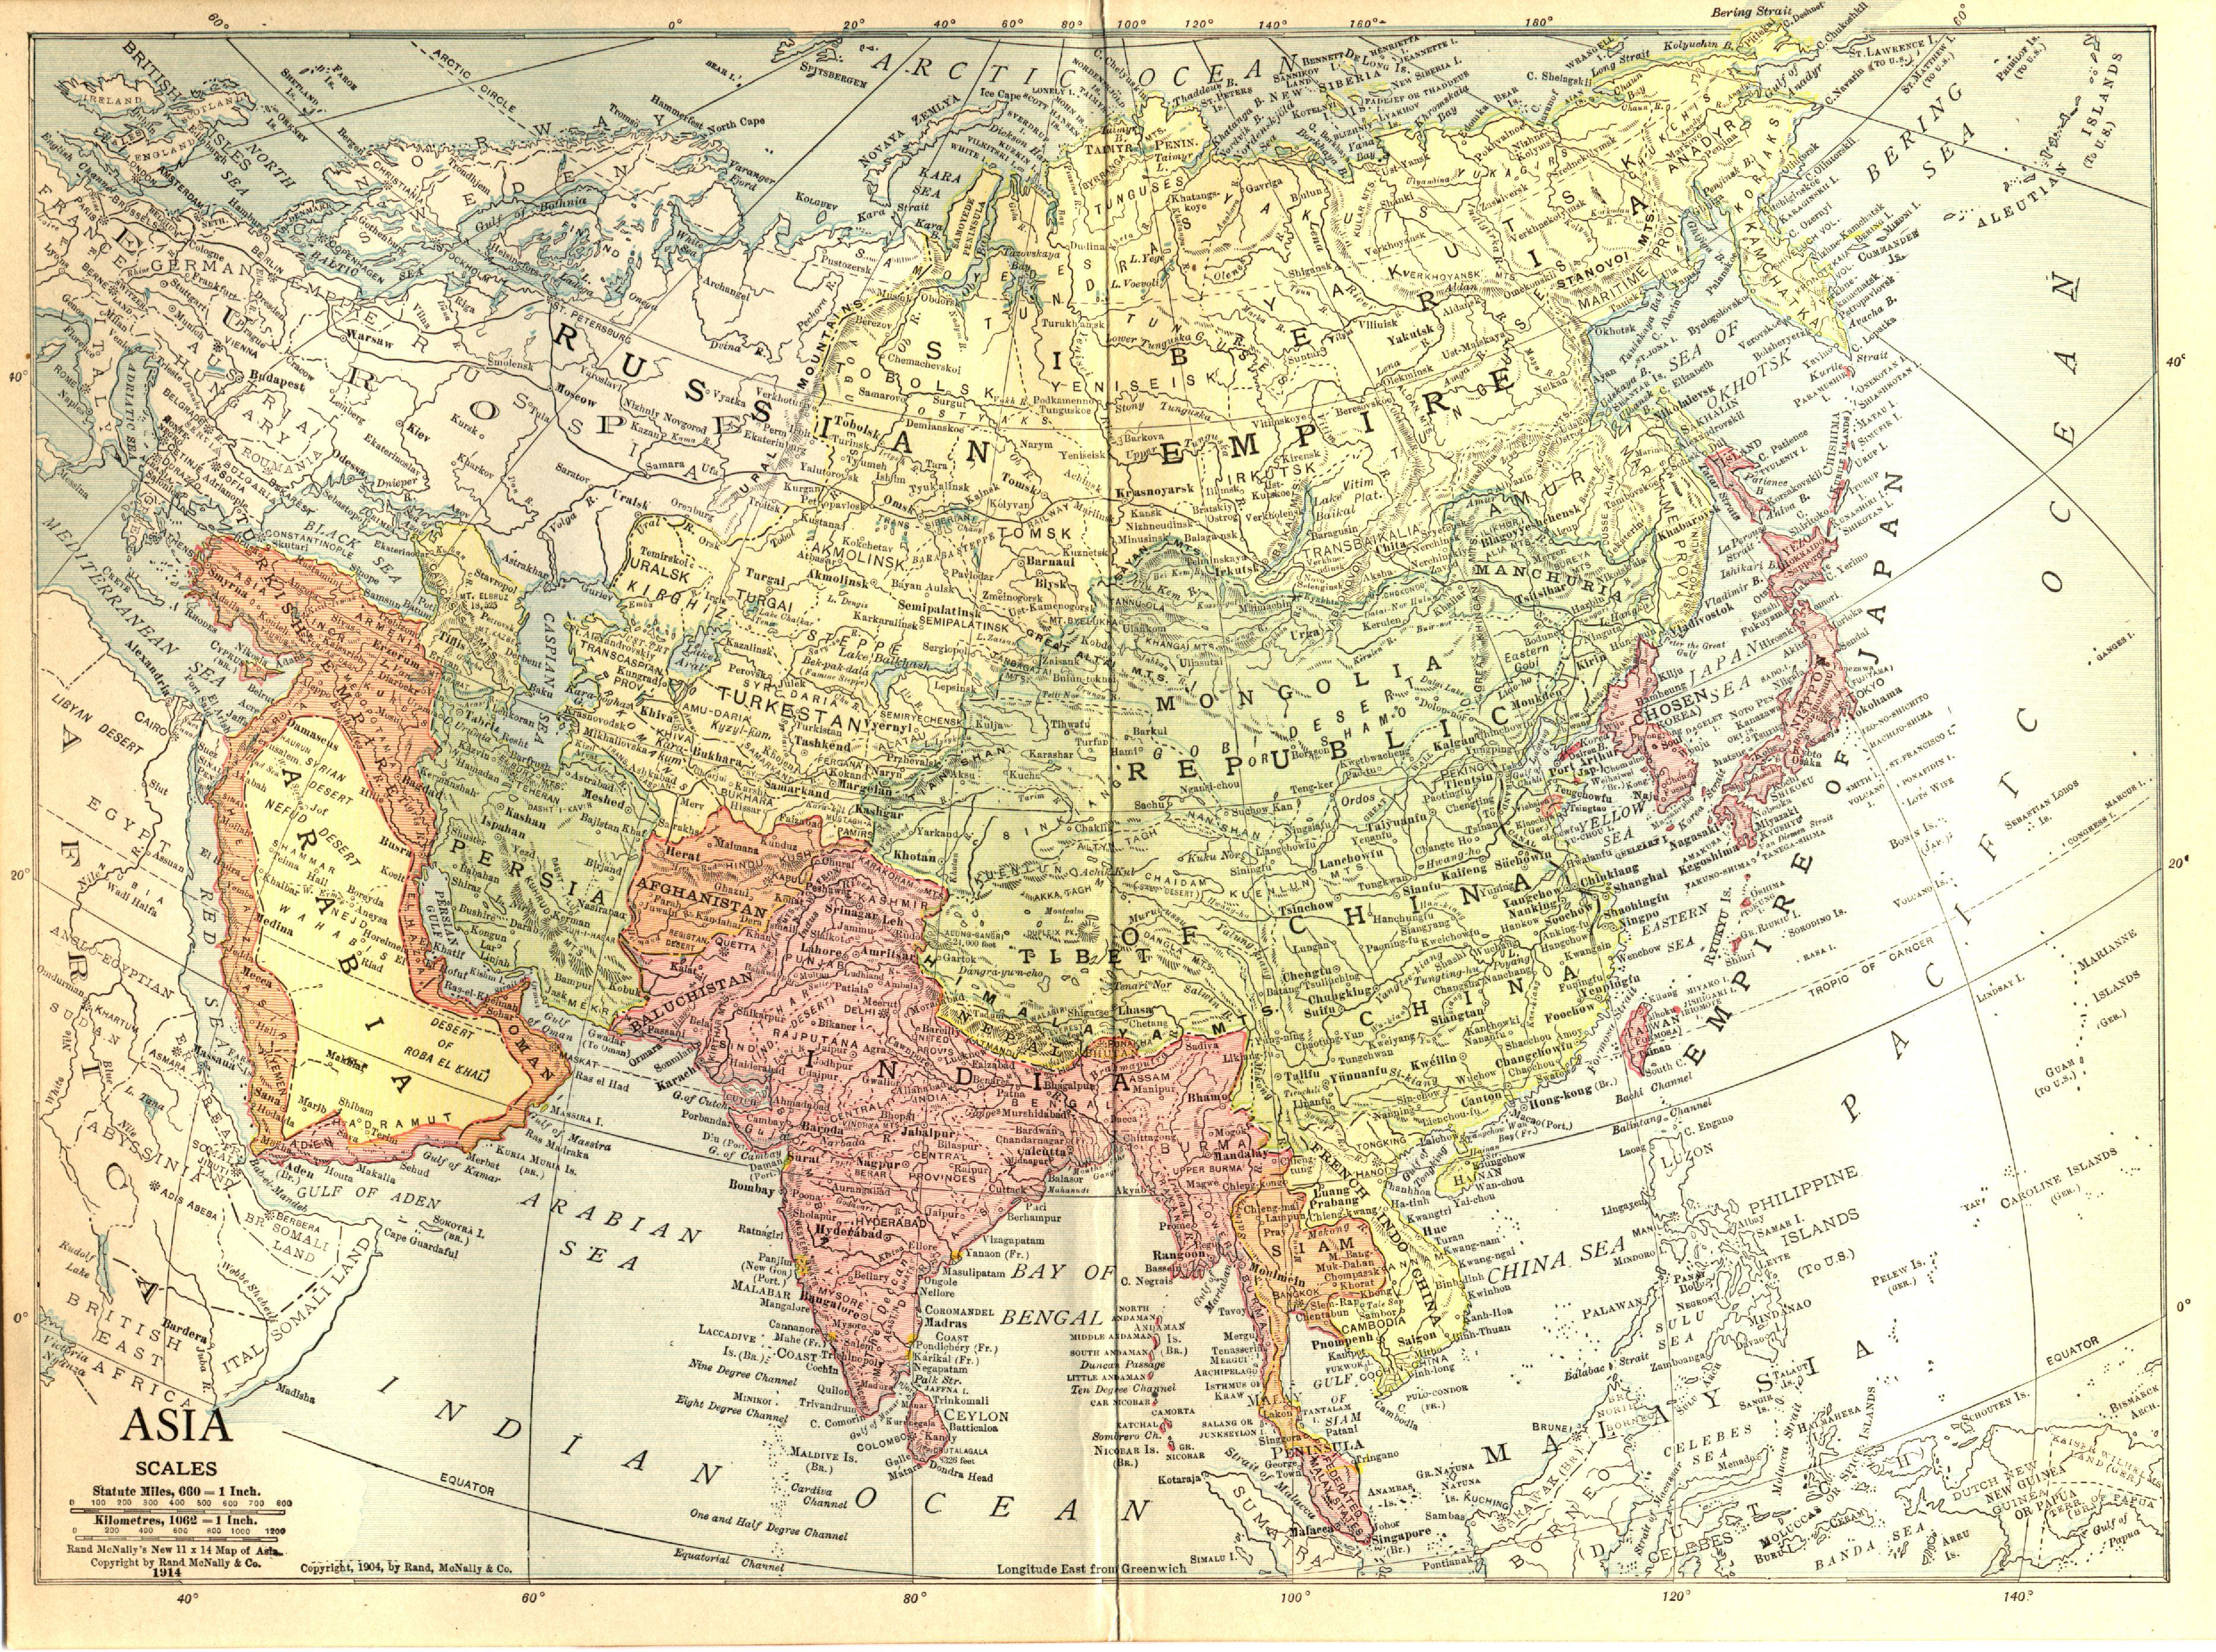 Asia in 1914